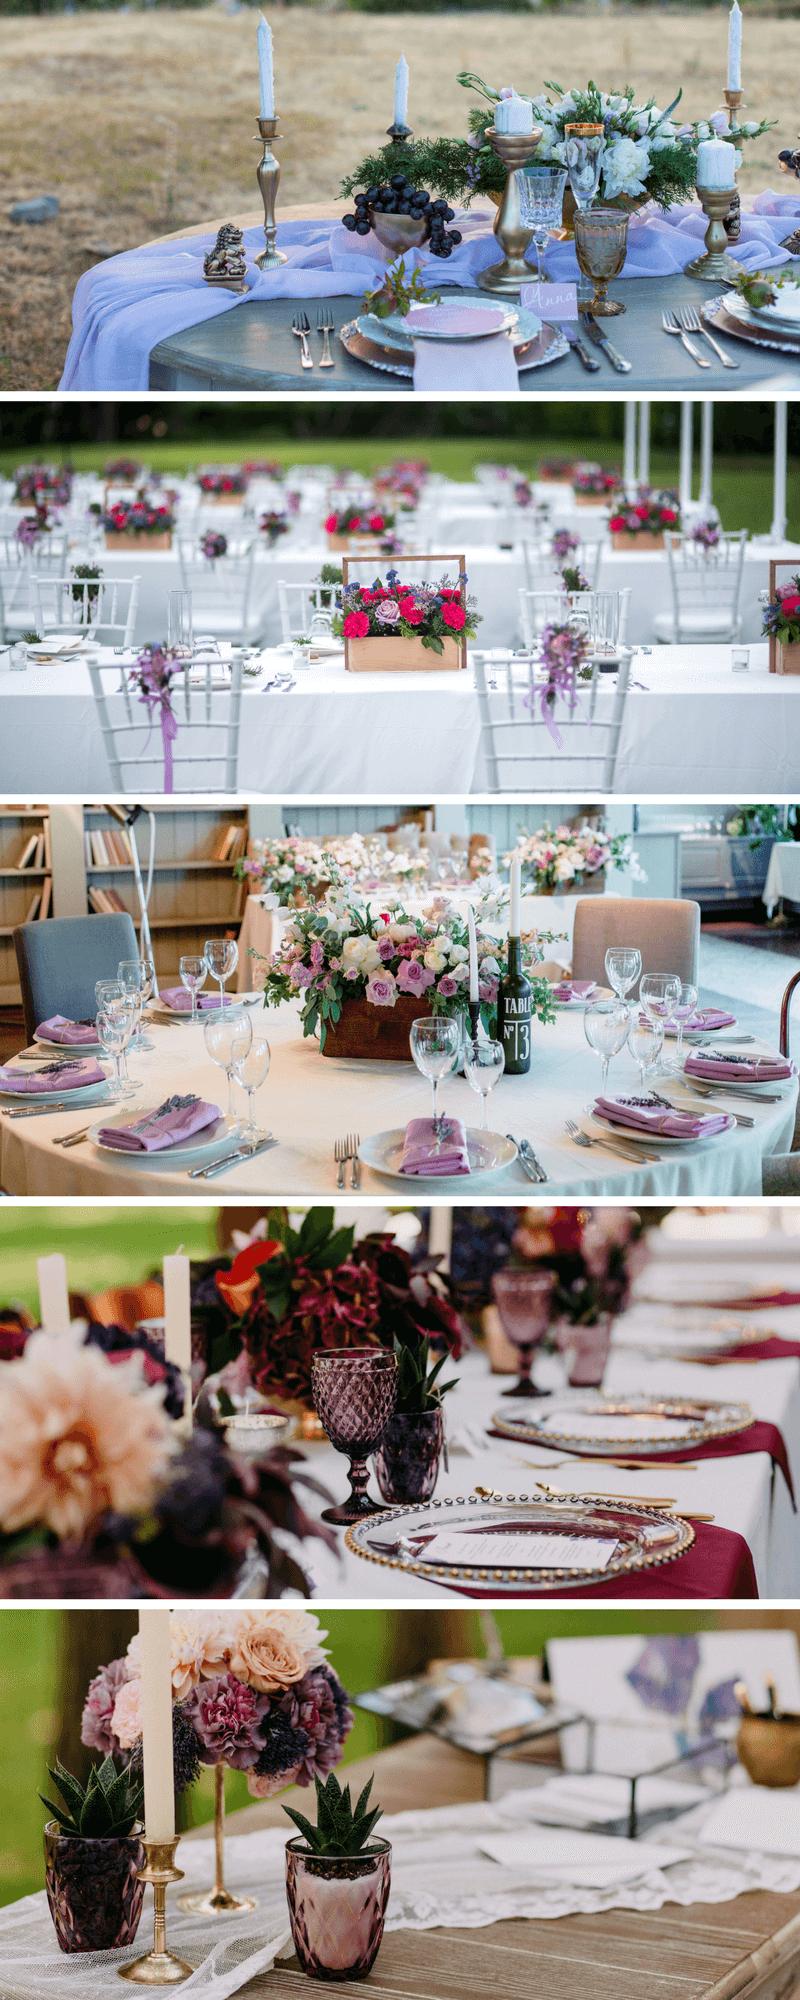 55 Bezaubernde Tischdeko Inspirationen Für Die Hochzeit